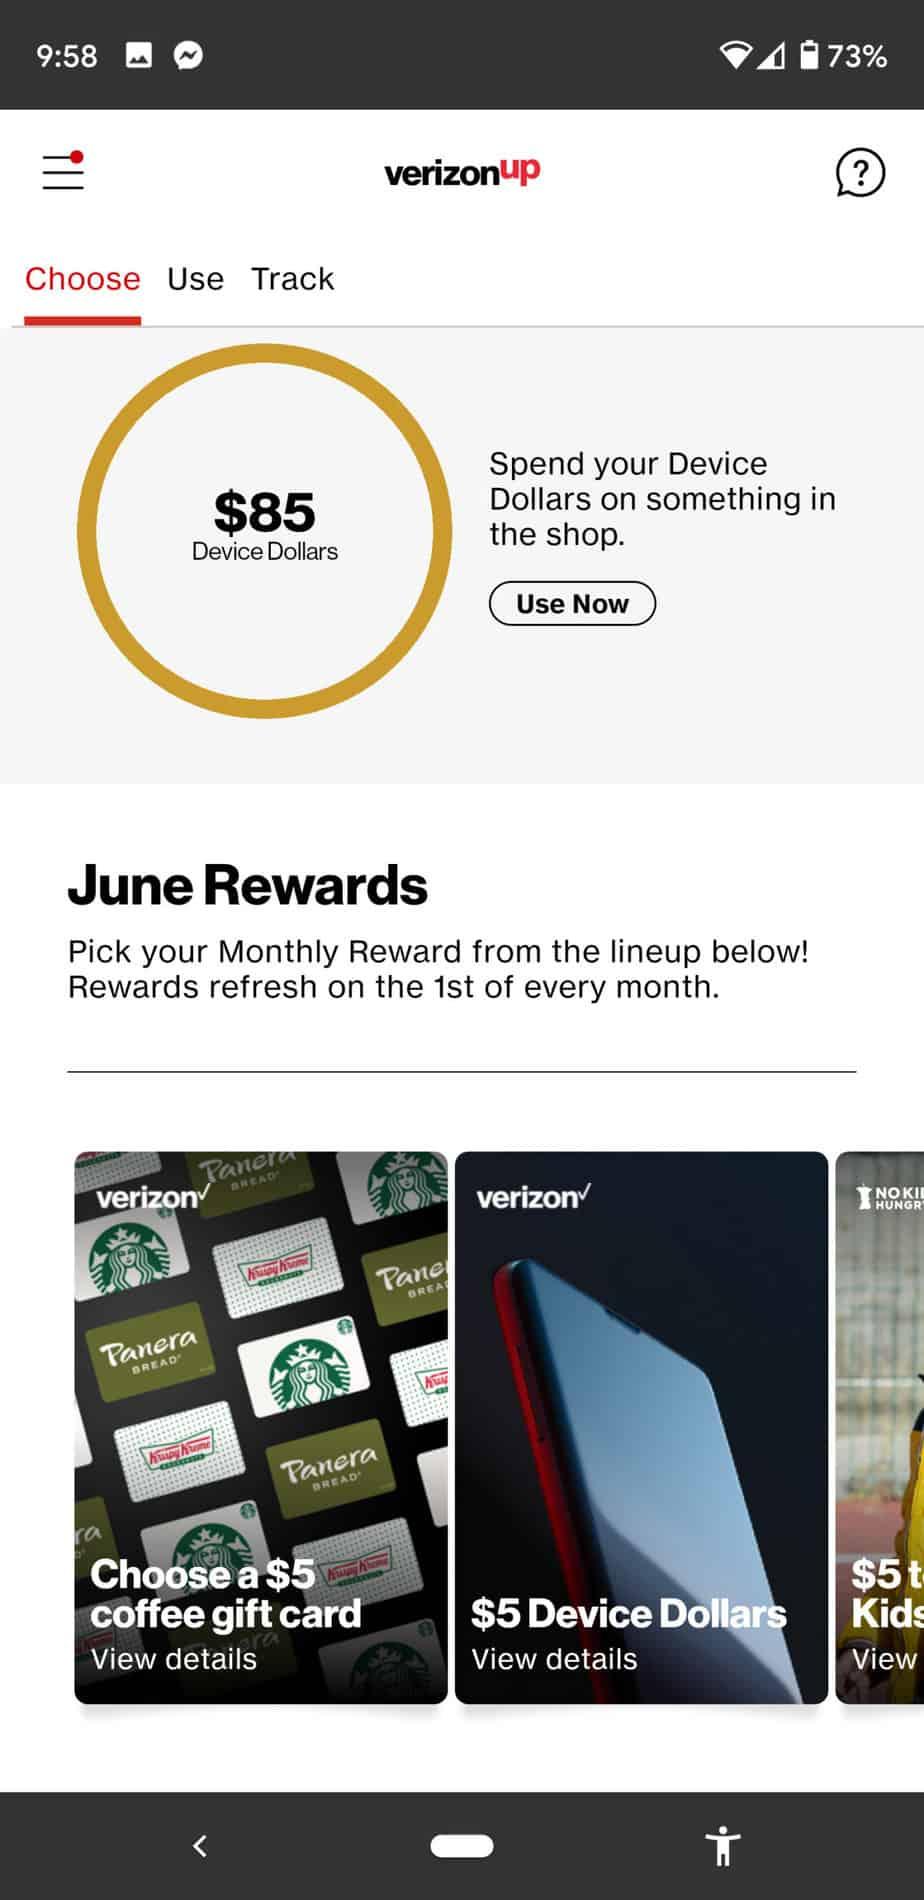 Verizon UP Rewards Offer   Free Starbucks Beverage